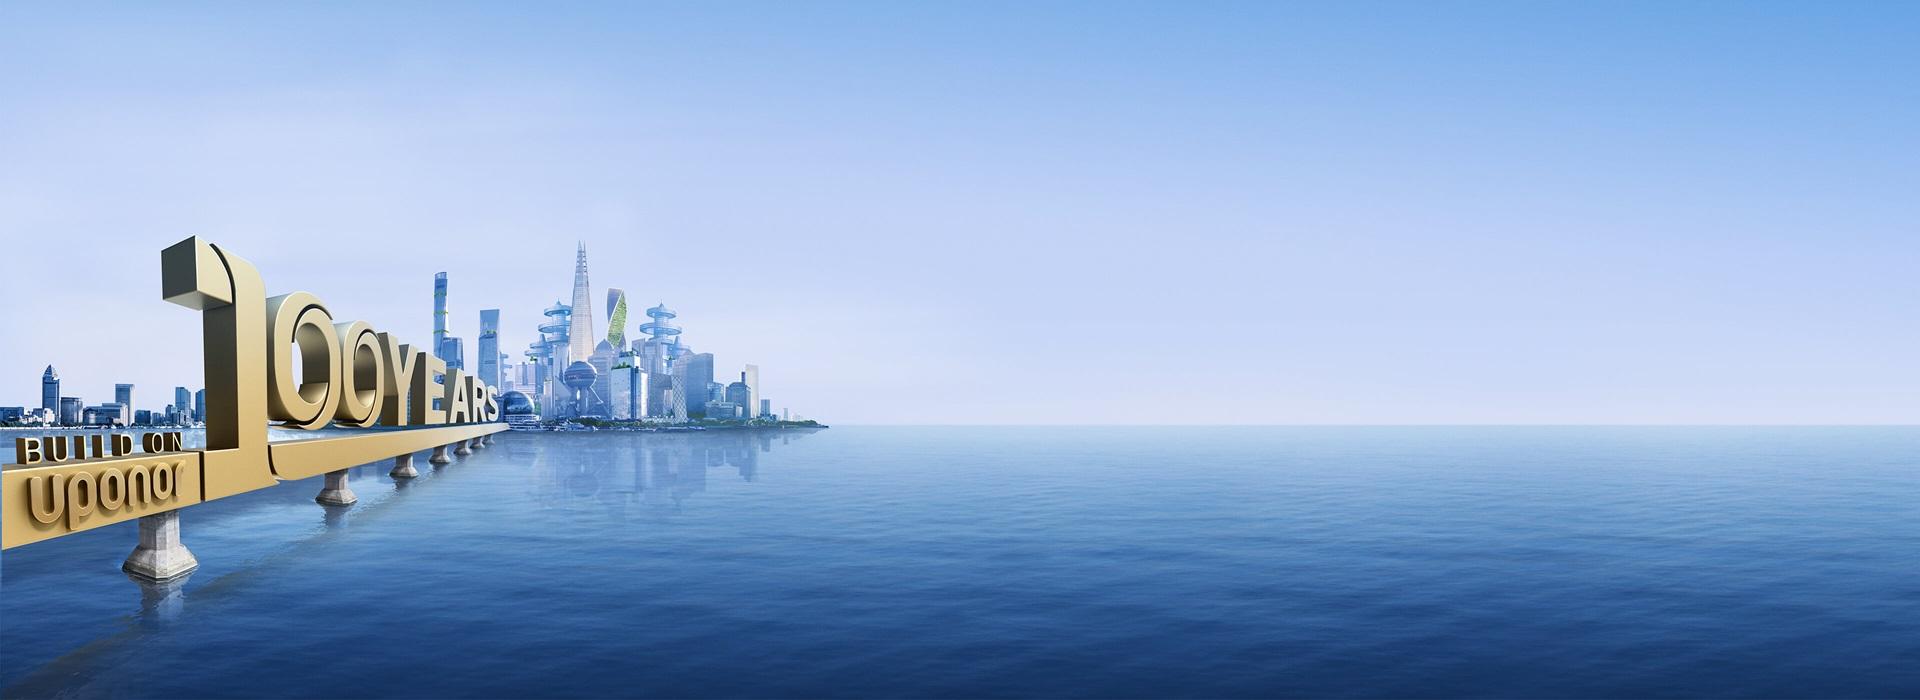 Uponor є провідним світовим постачальником рішень і систем транспортування гігієнічної питної води, енергоефективних систем опалення та охолодження, а також надійних інфраструктурних рішень.